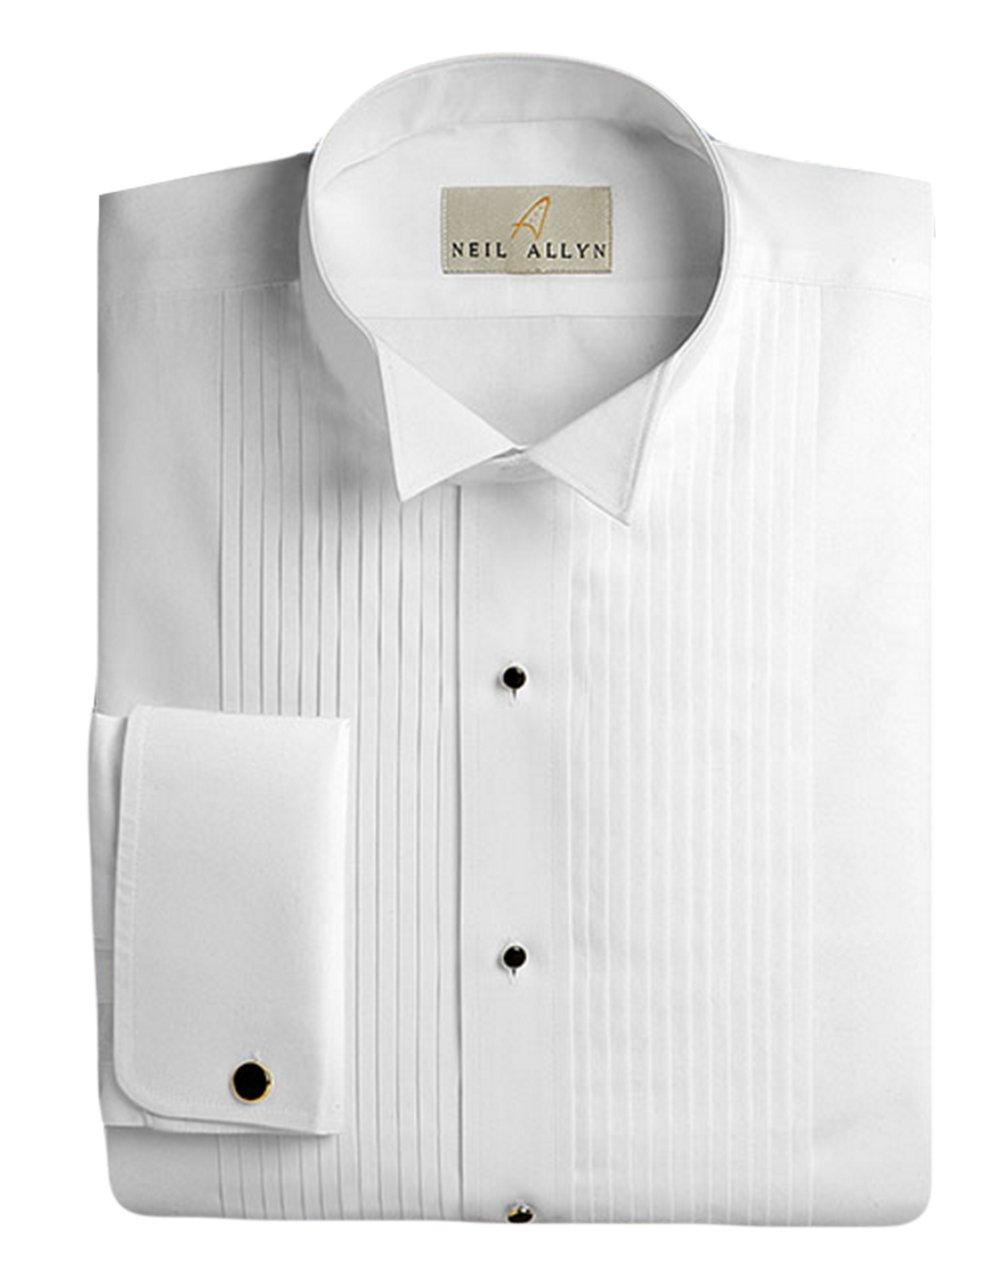 Neil Allyn Men's Tuxedo Shirt 100% Cotton 1/4'' Pleat Wing Collar, 16.5 (36/37) by Neil Allyn